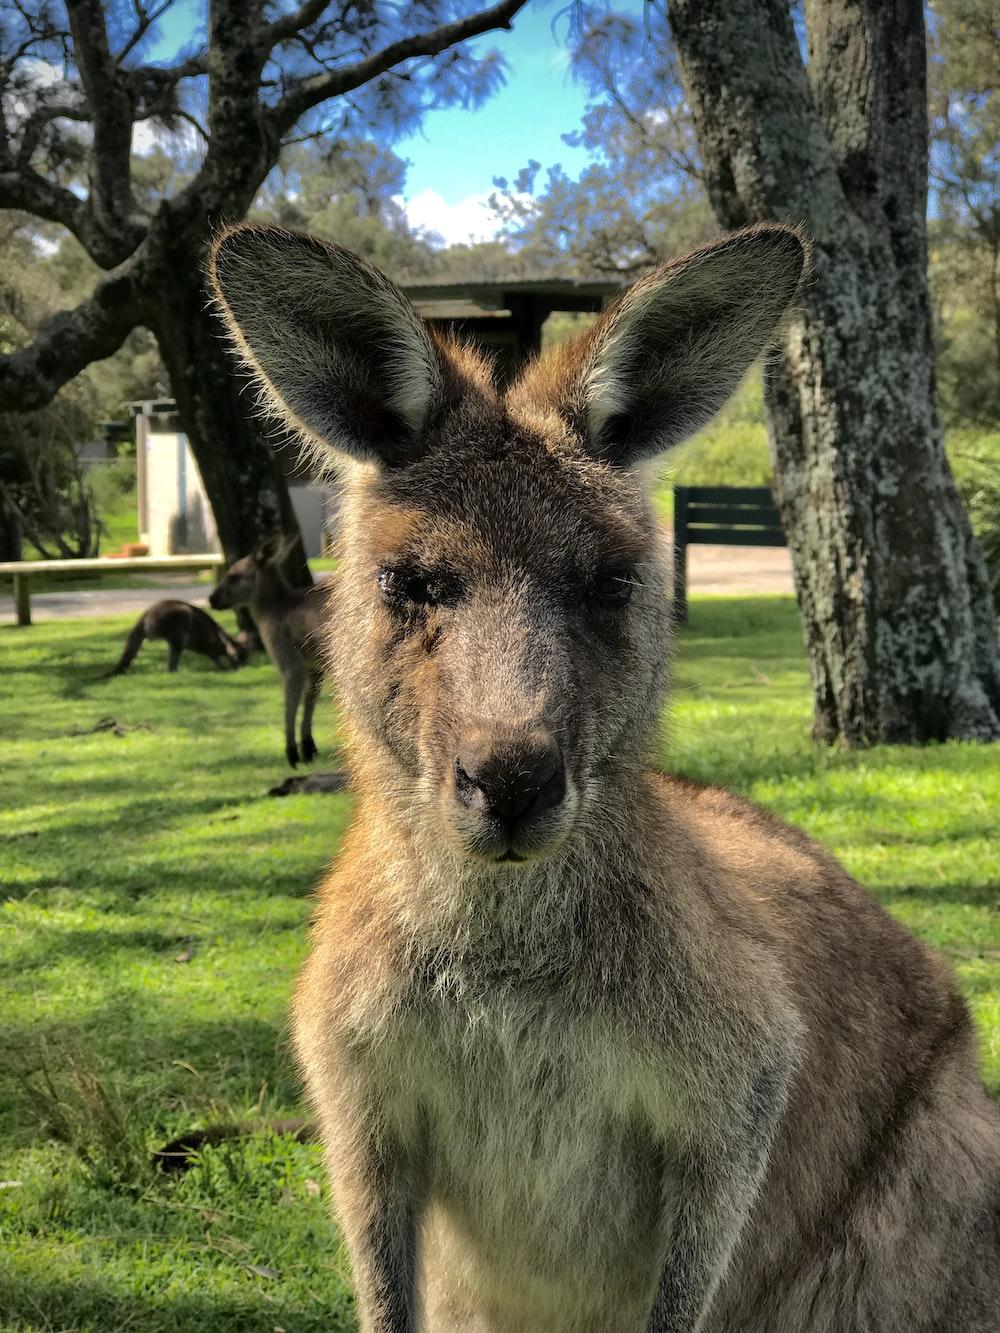 adult kangaroo near kangaroos and trees during day